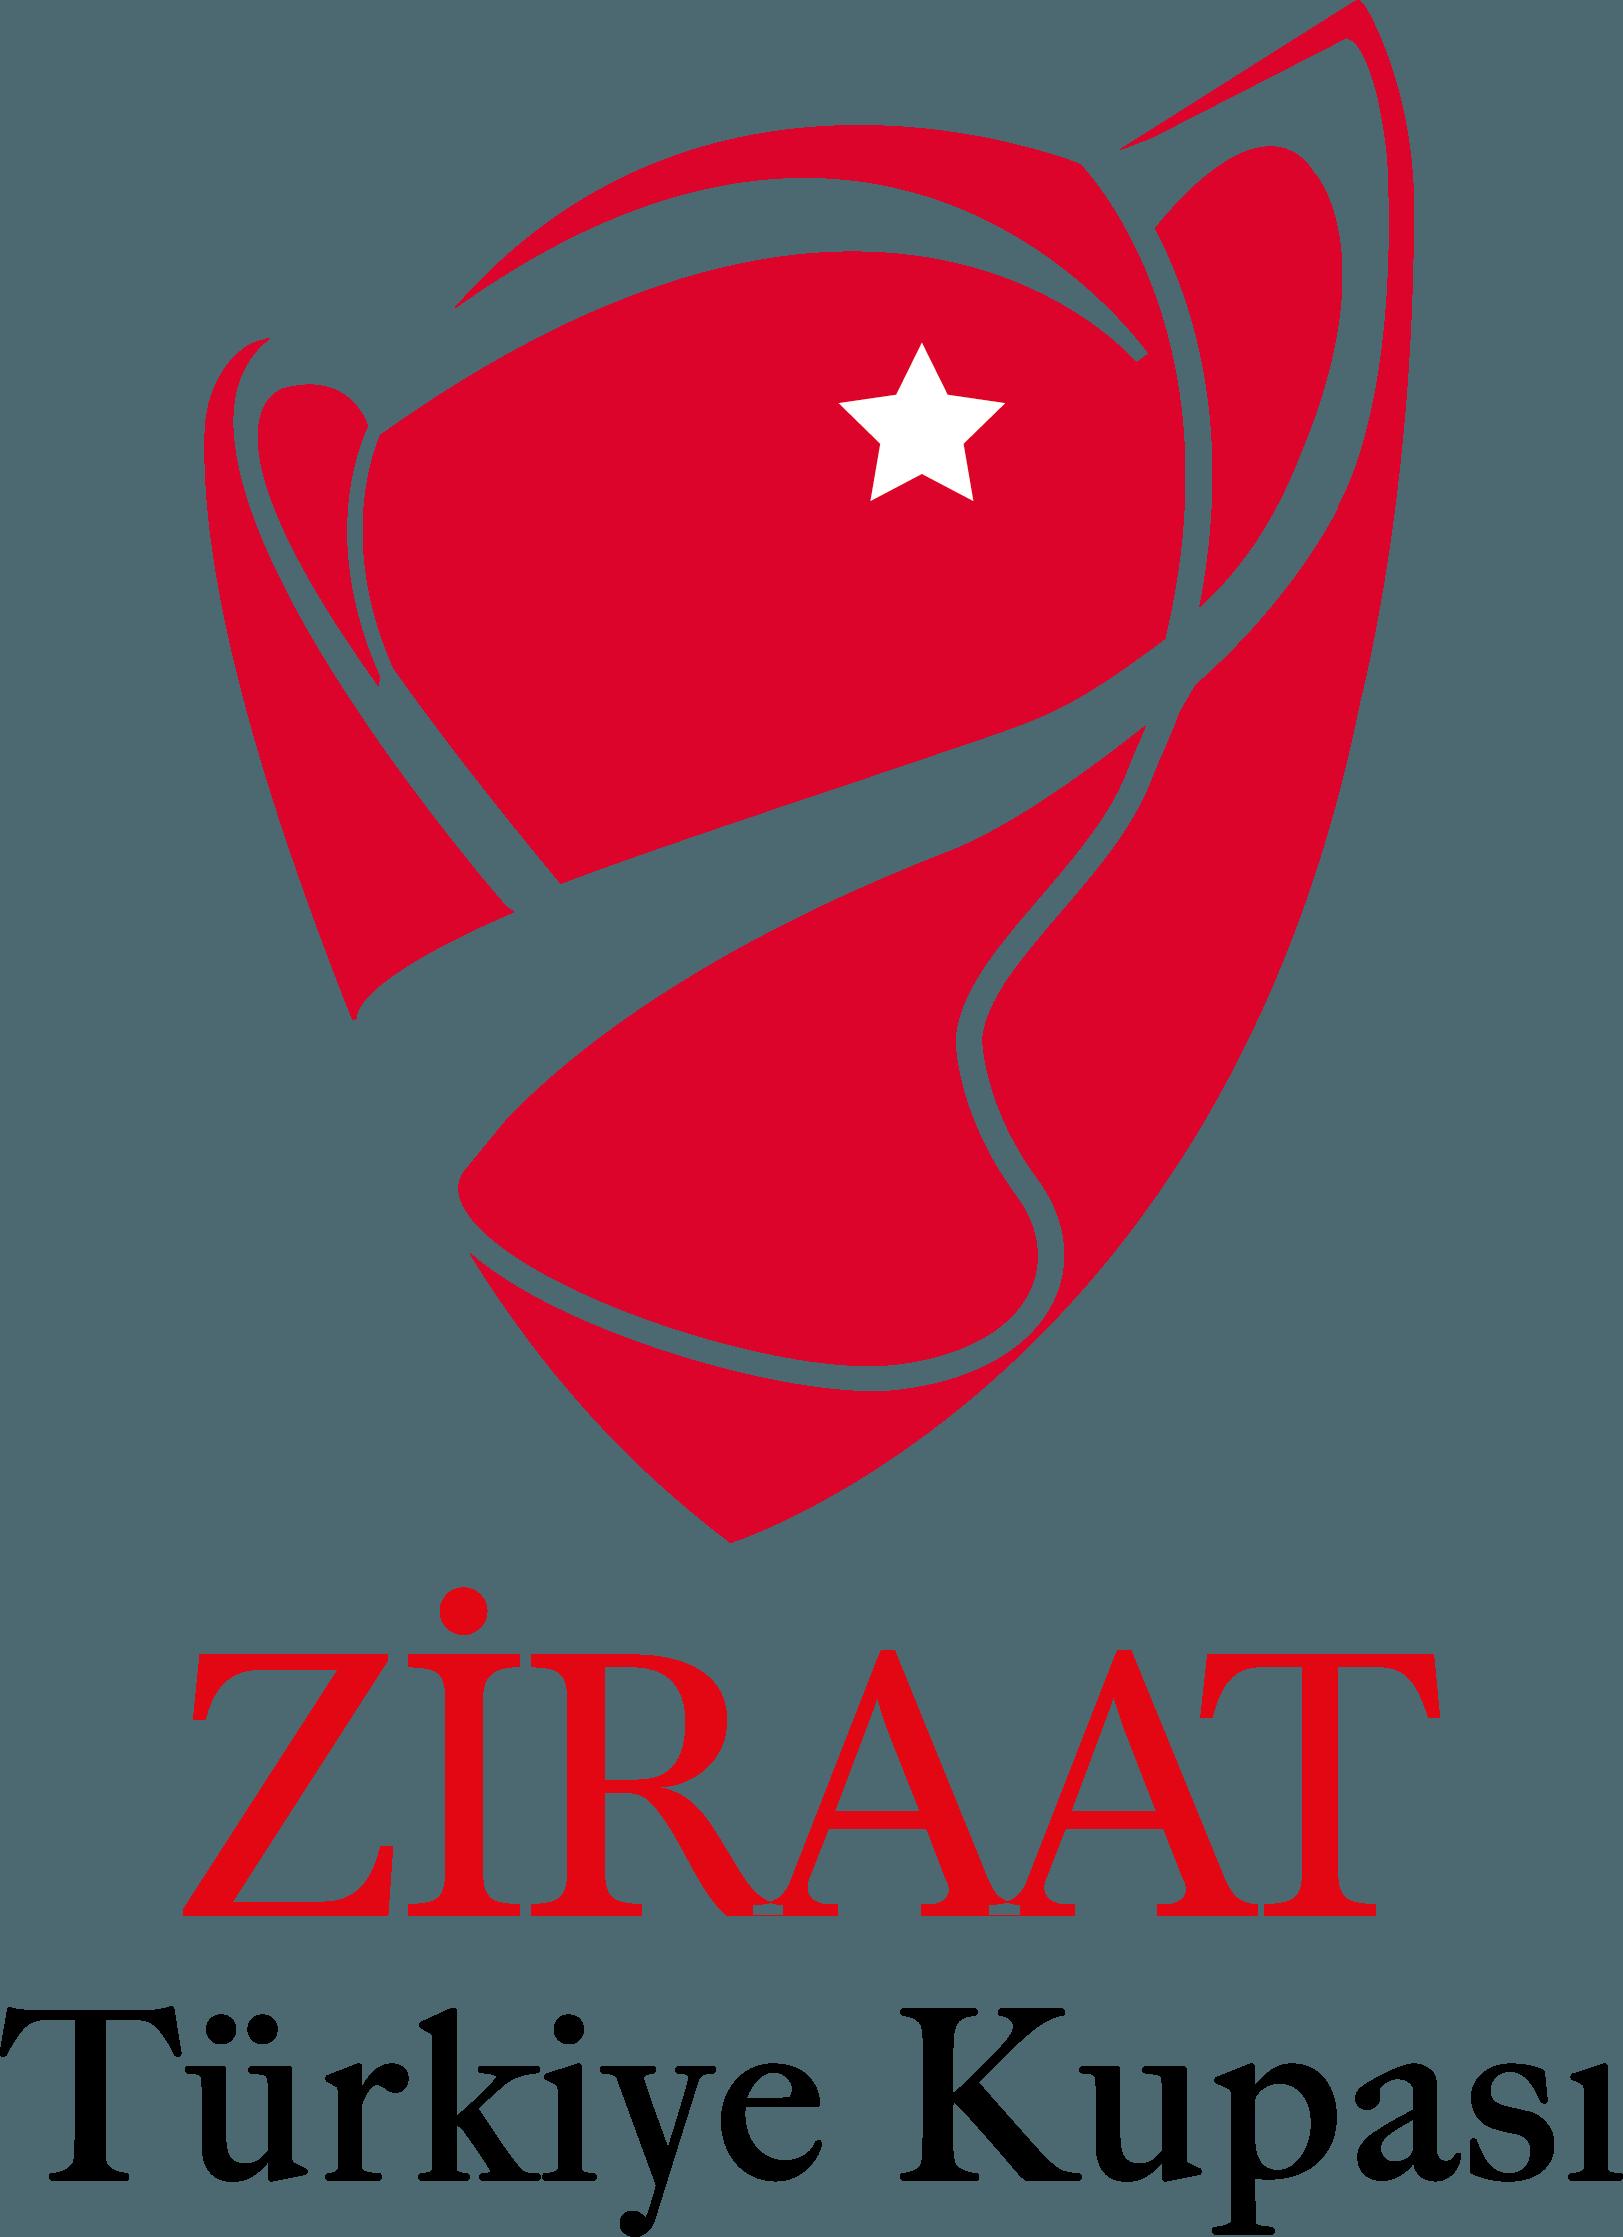 Ziraat Türkiye Kupası Logo png